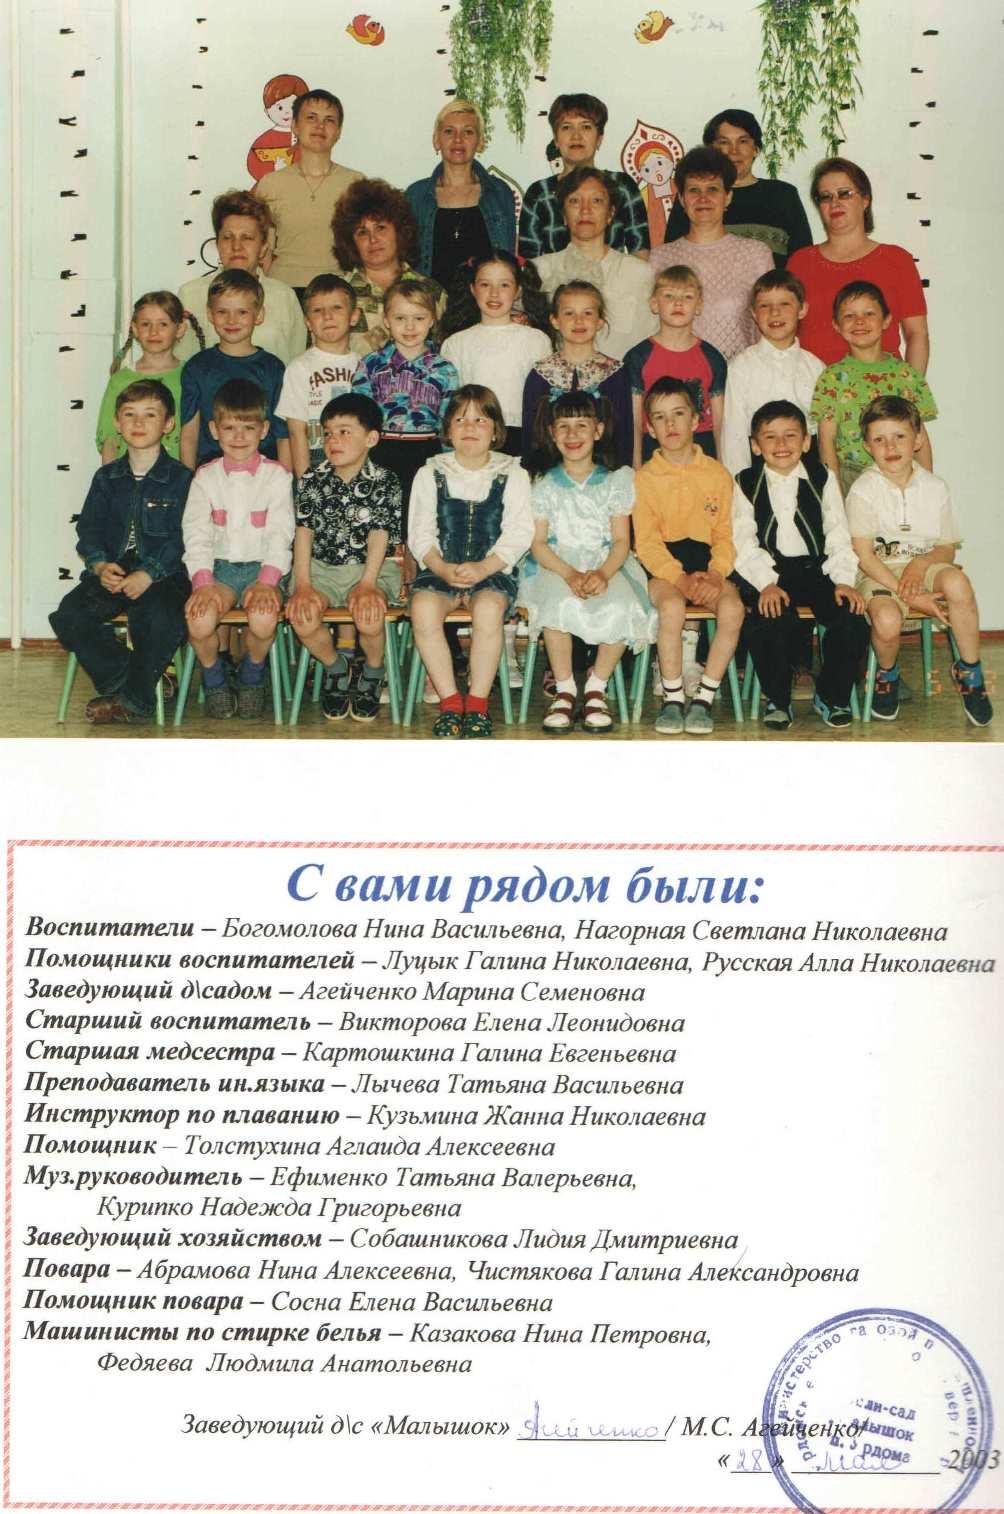 28.05.2003. Выпуск детсада Малышок. Урдома (4)